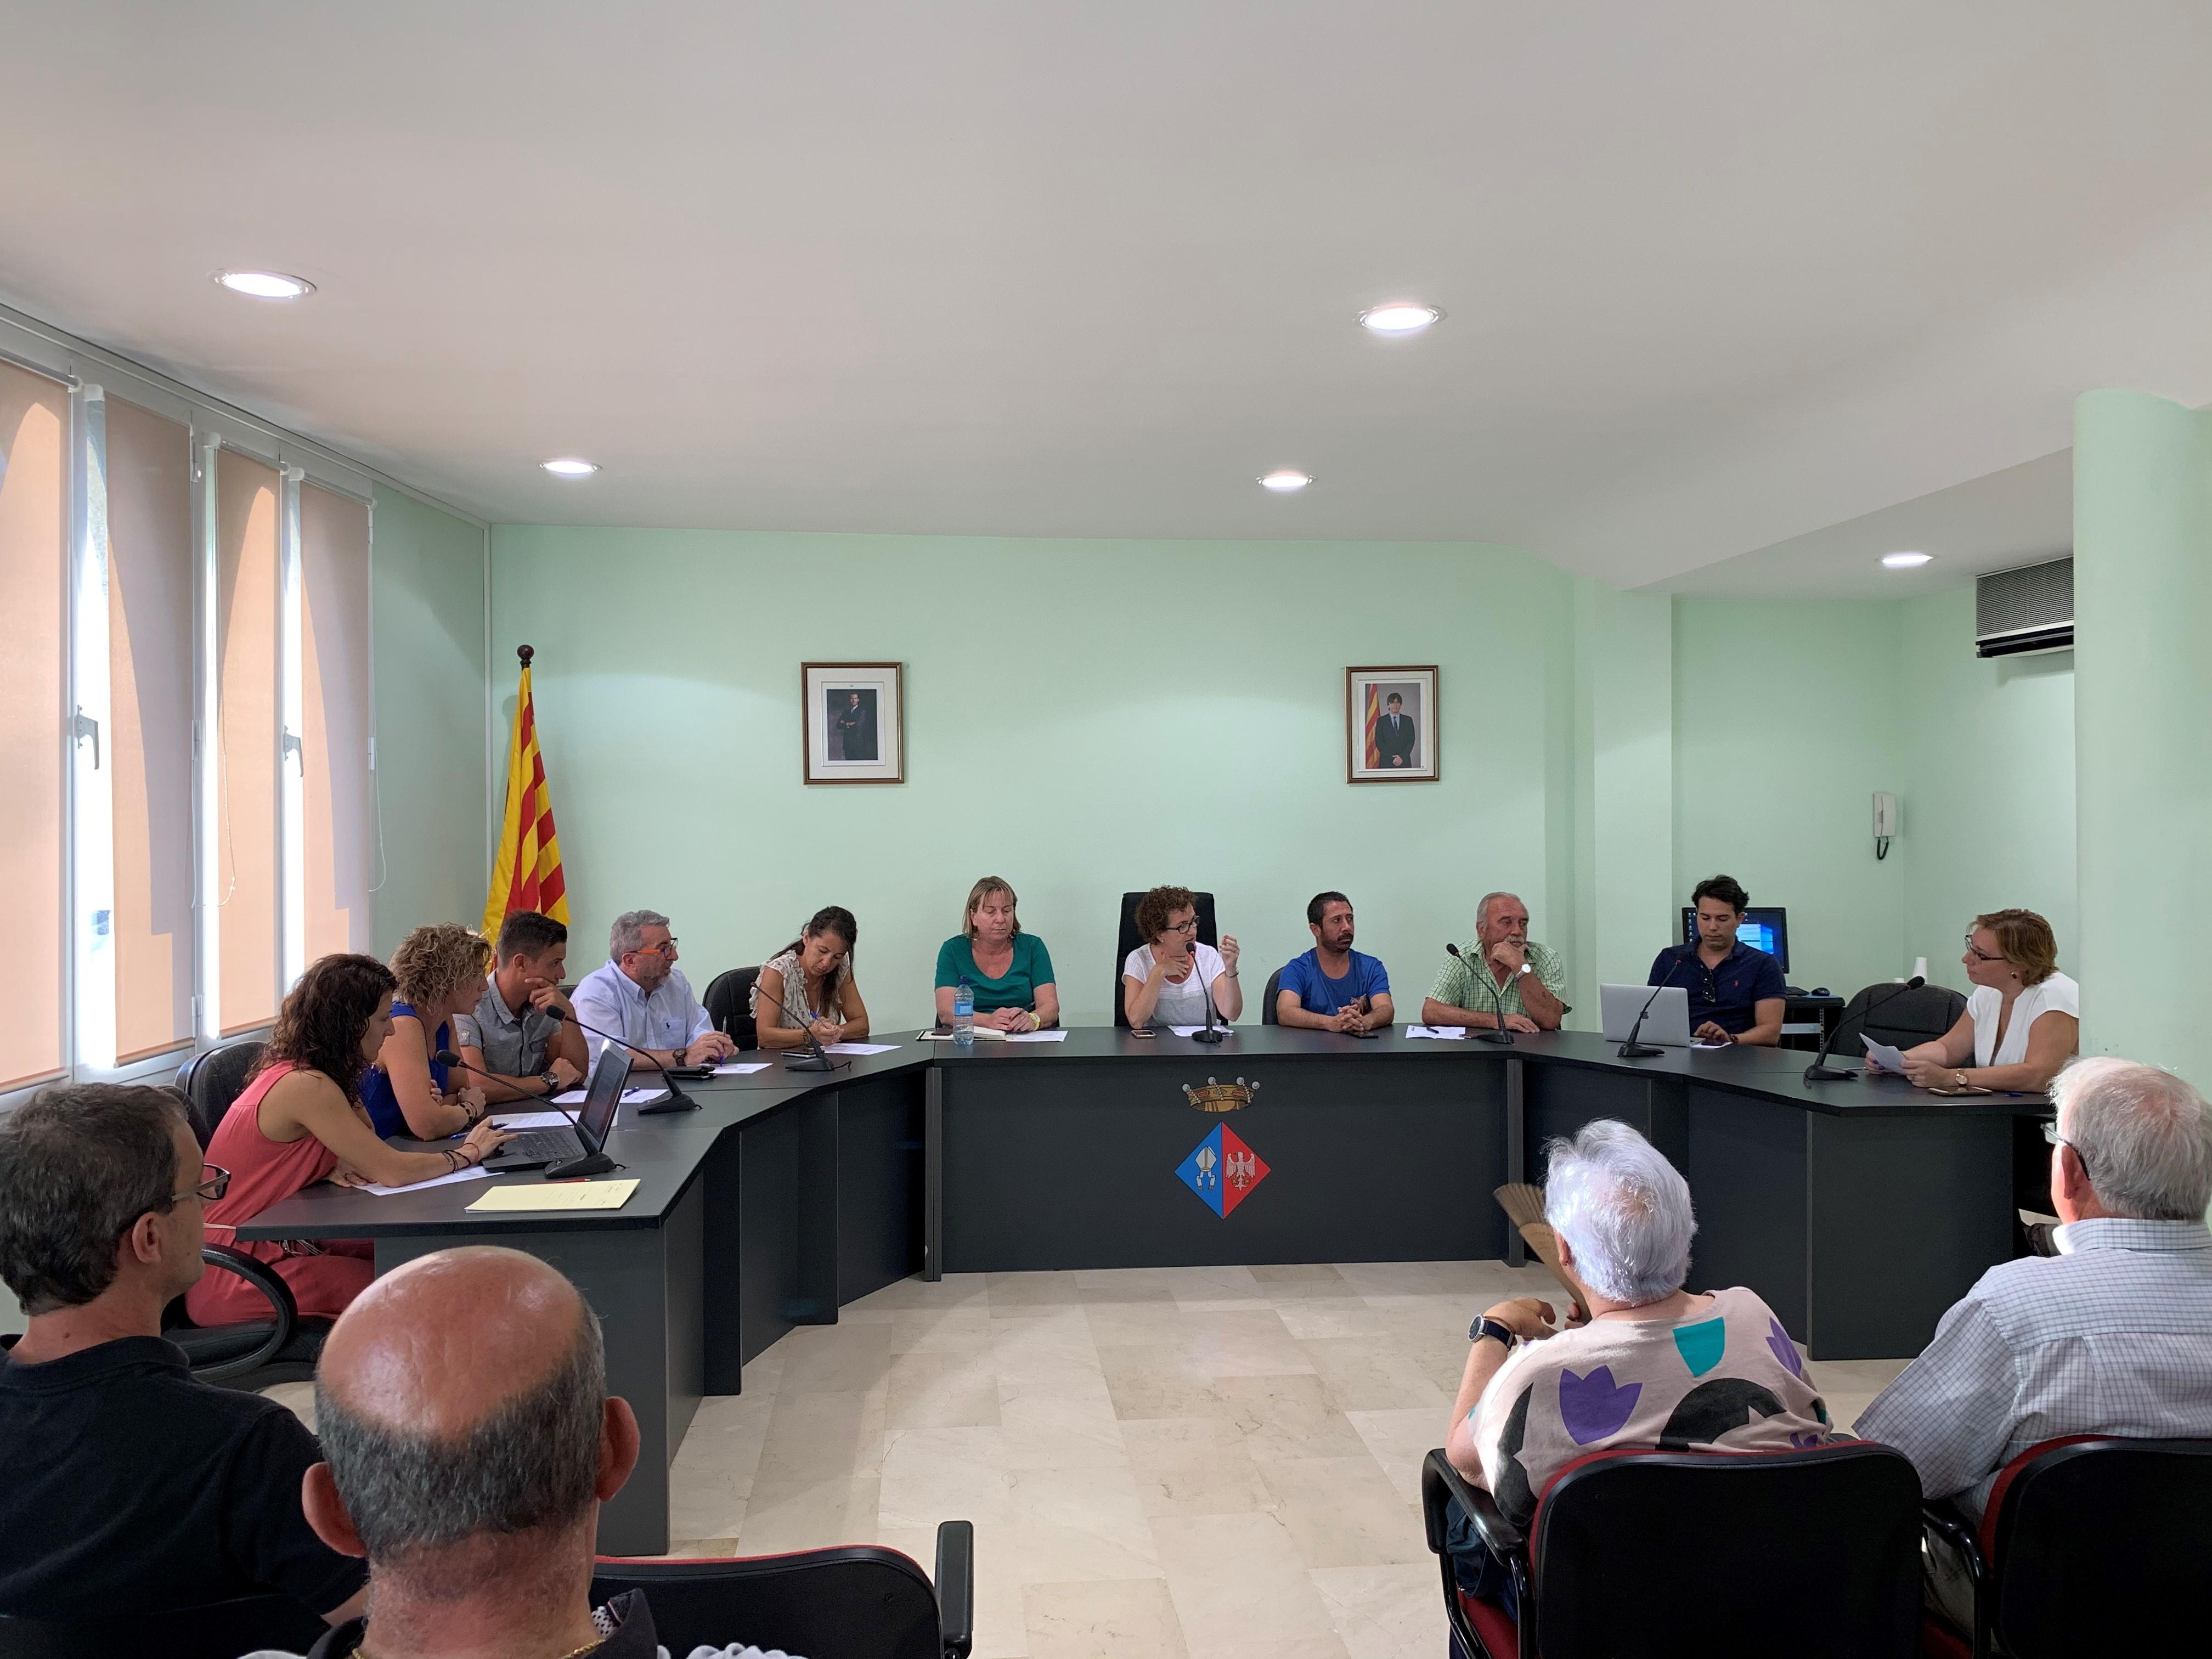 Aquest dilluns 12 d'agost ha tingut lloc un Ple Extraordinari a l'Ajuntament de la Bisbal del Penedès